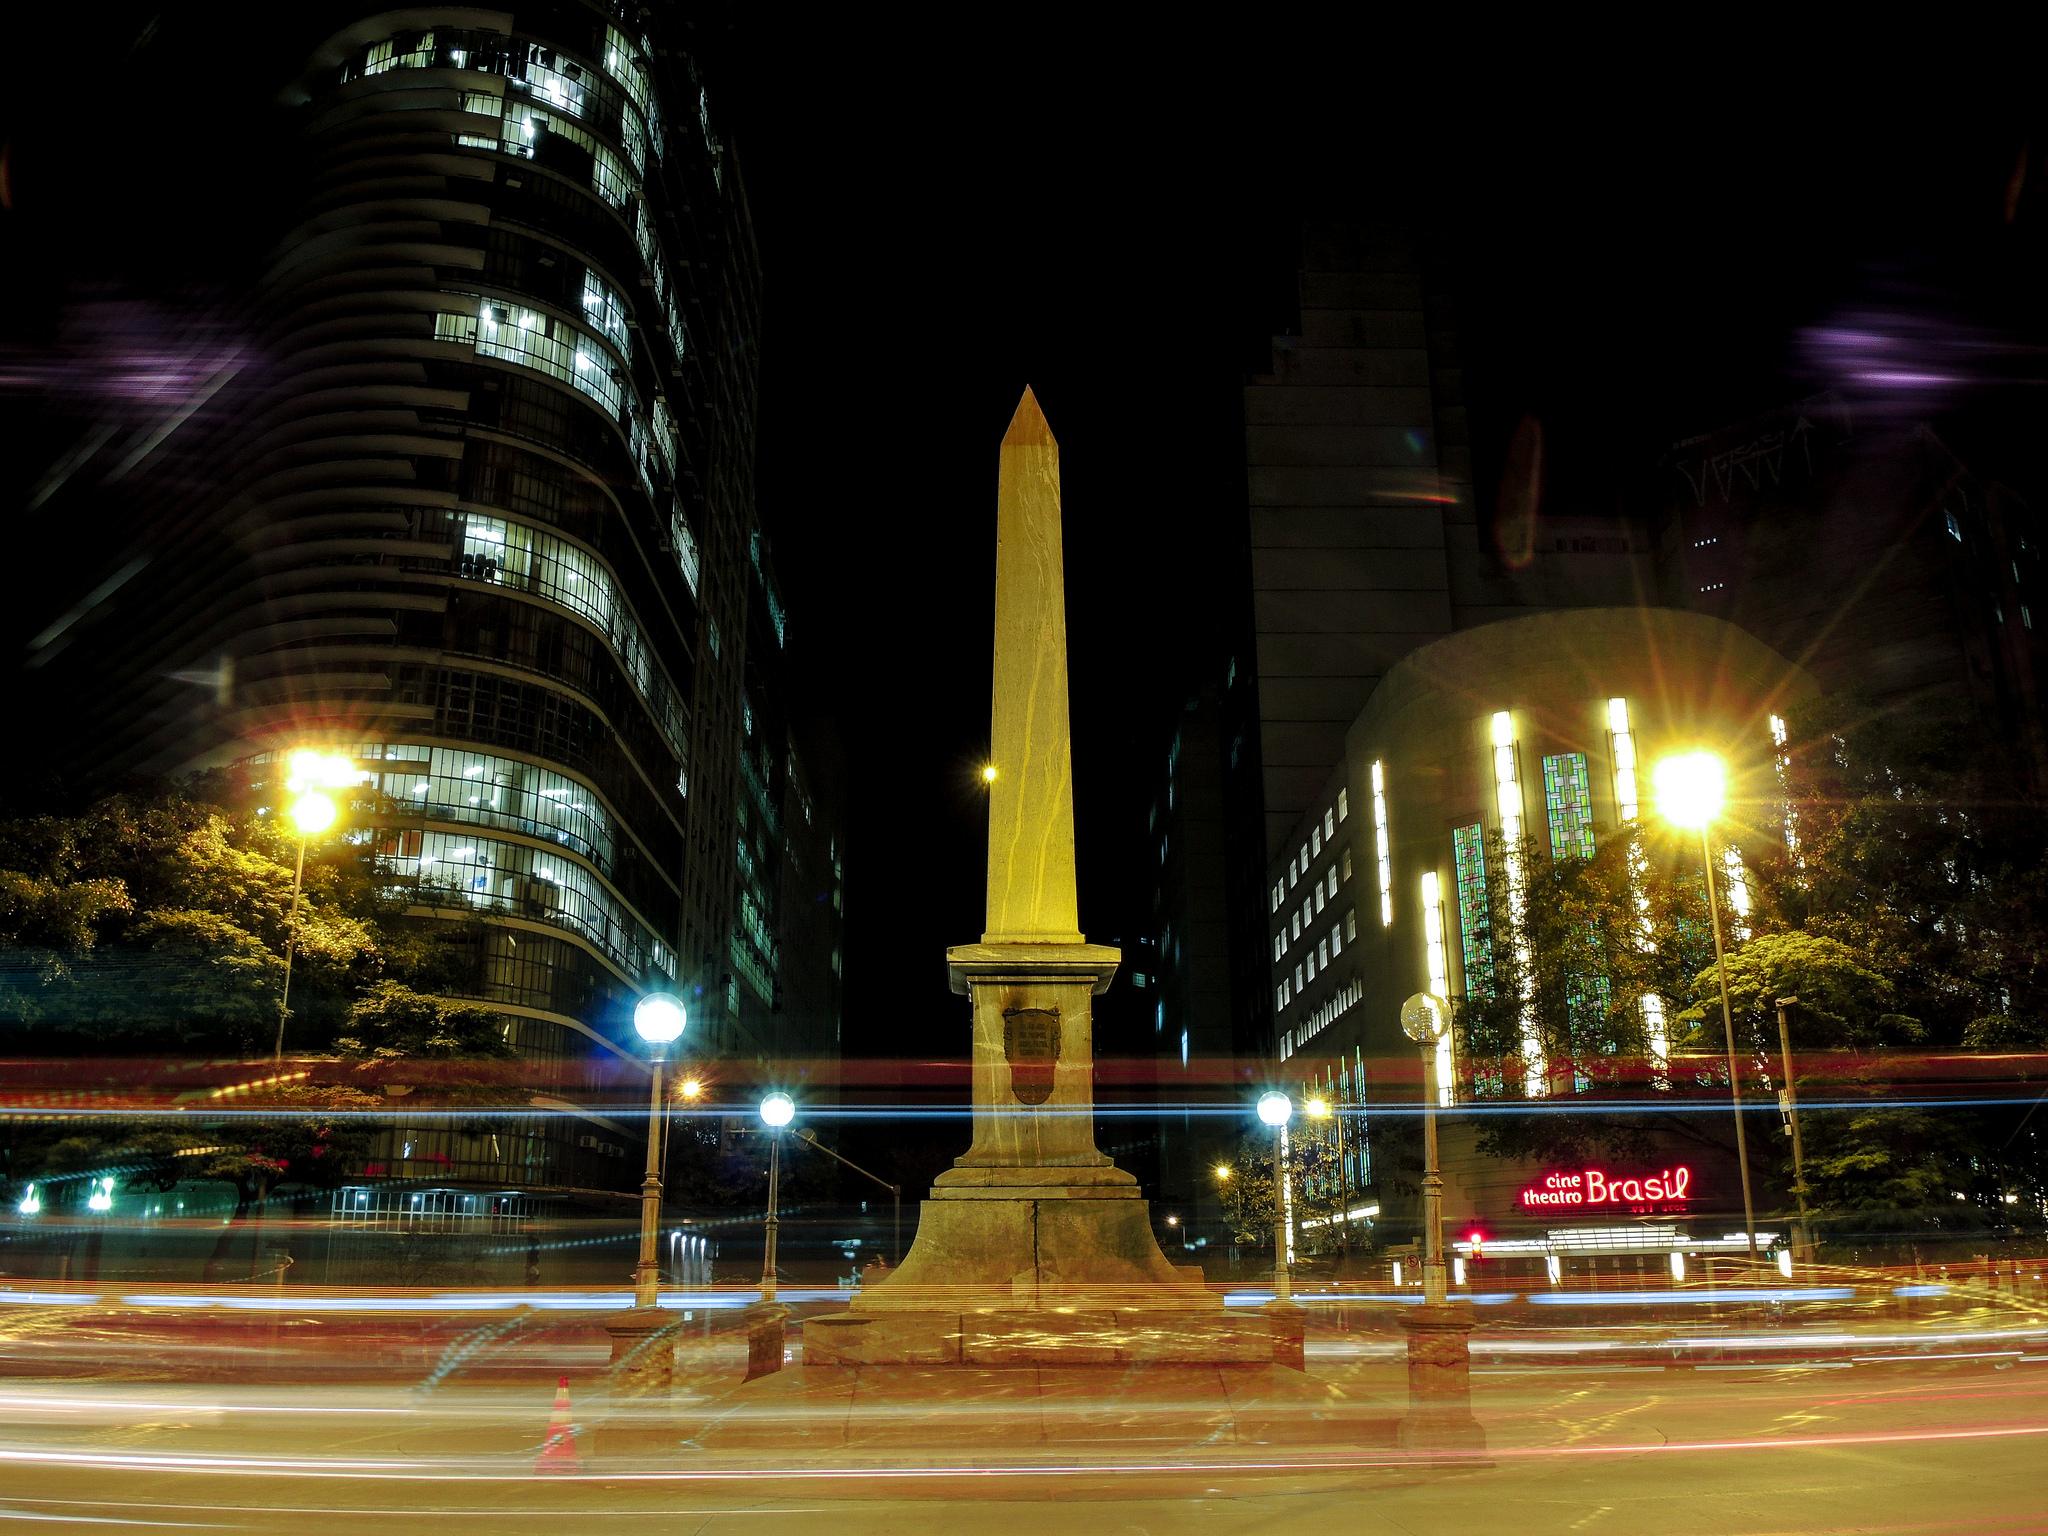 Legenda foto: A Praça Sete, em Belo Horizonte, cidade que recebe o VI Encontro de Administração Pública. Foto: Adriano Ferreira